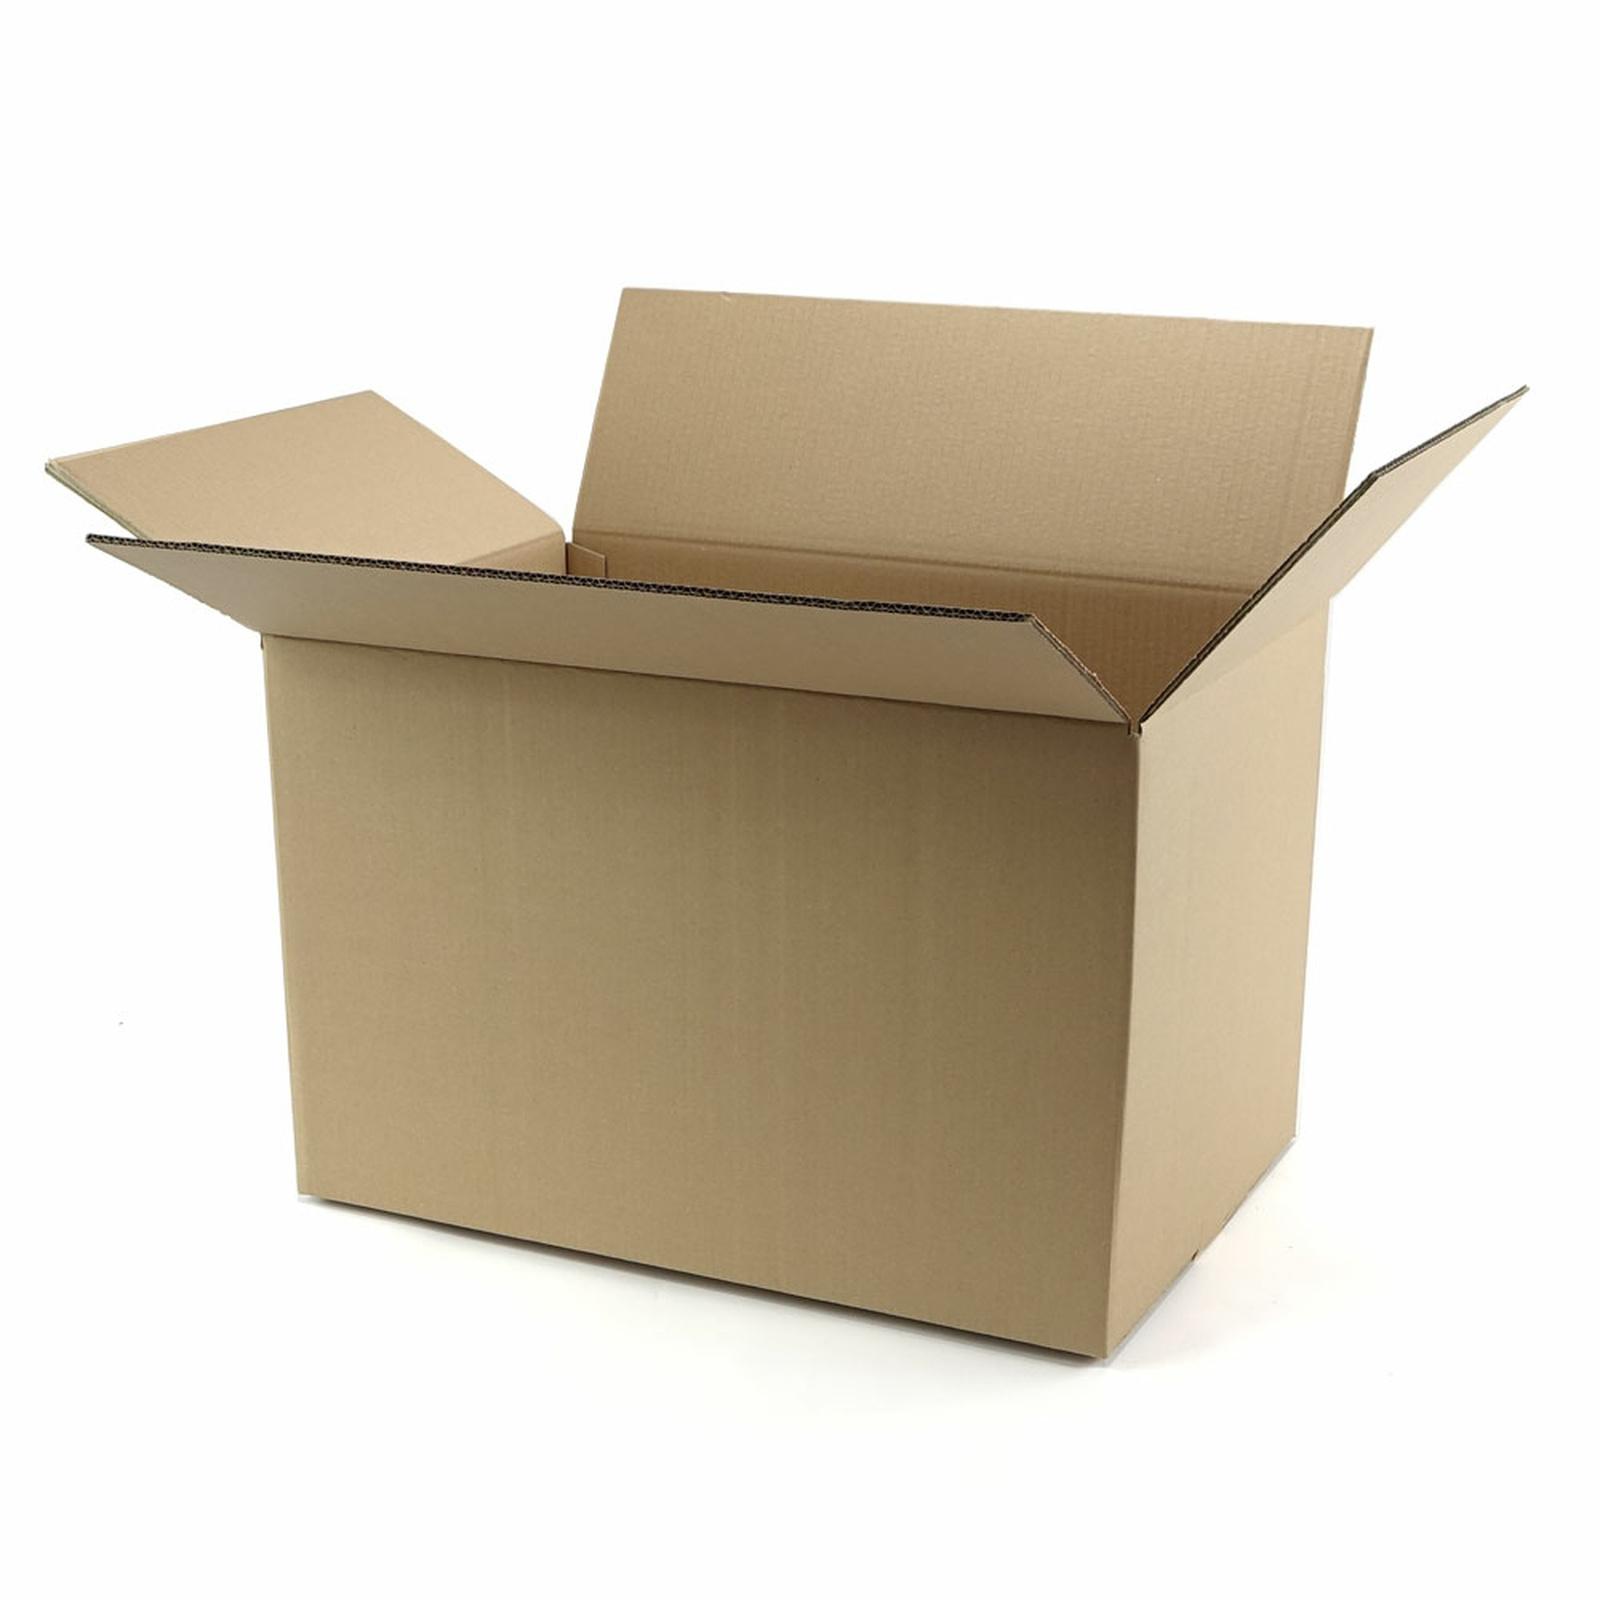 zweiwellige kartons au enma 600x400x400 mm 1 58. Black Bedroom Furniture Sets. Home Design Ideas